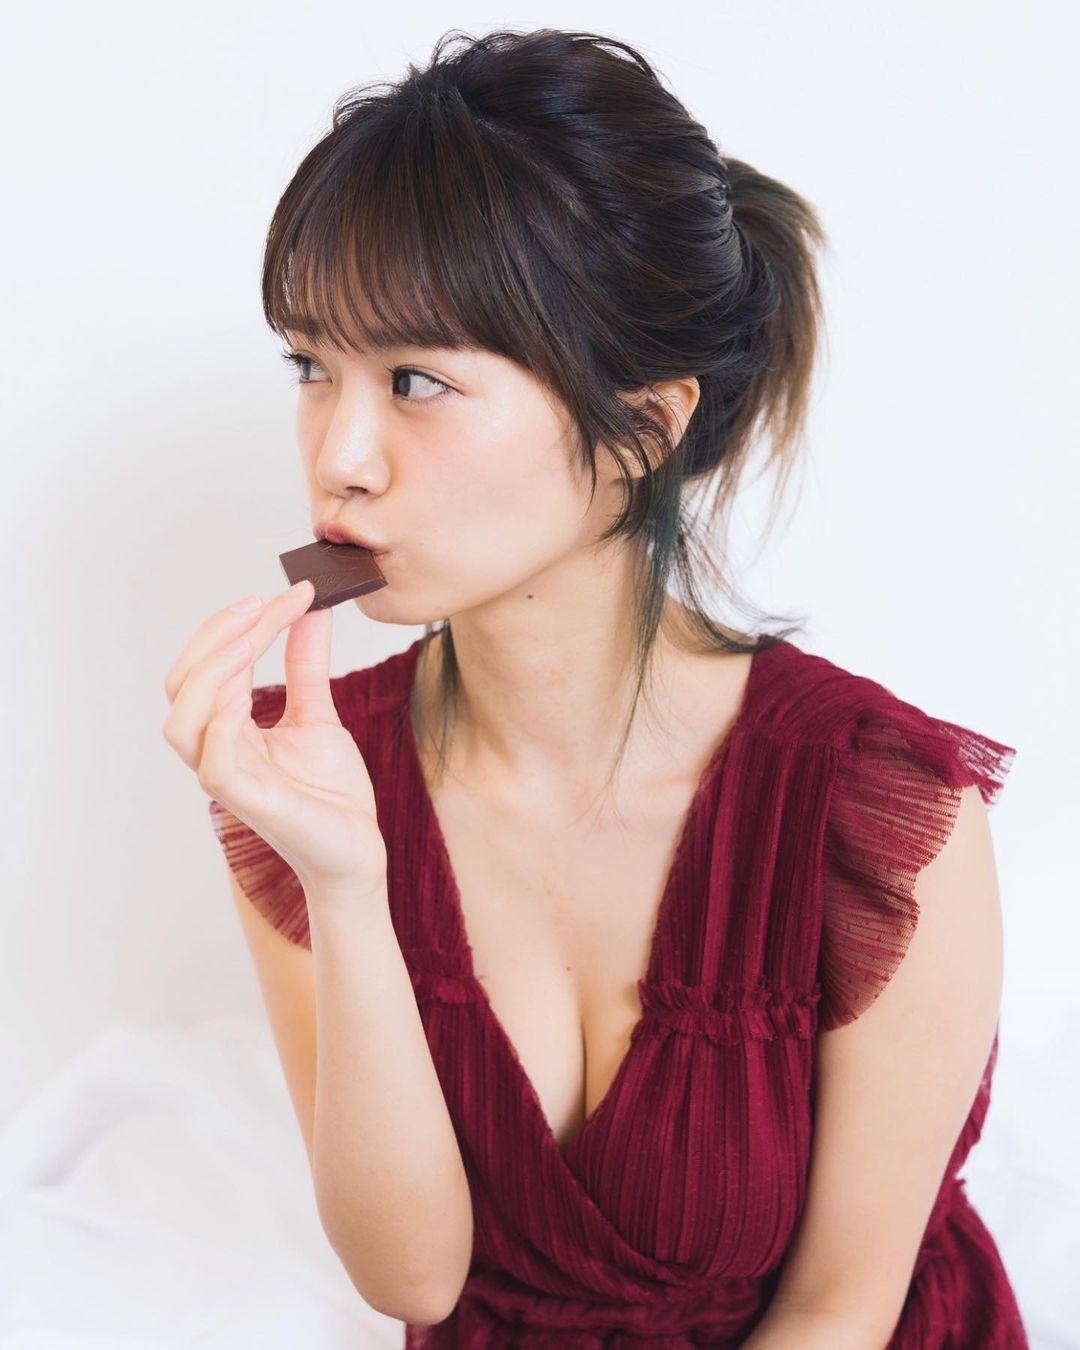 女神菜乃花再出击最新写真辣翻 网络美女 第7张